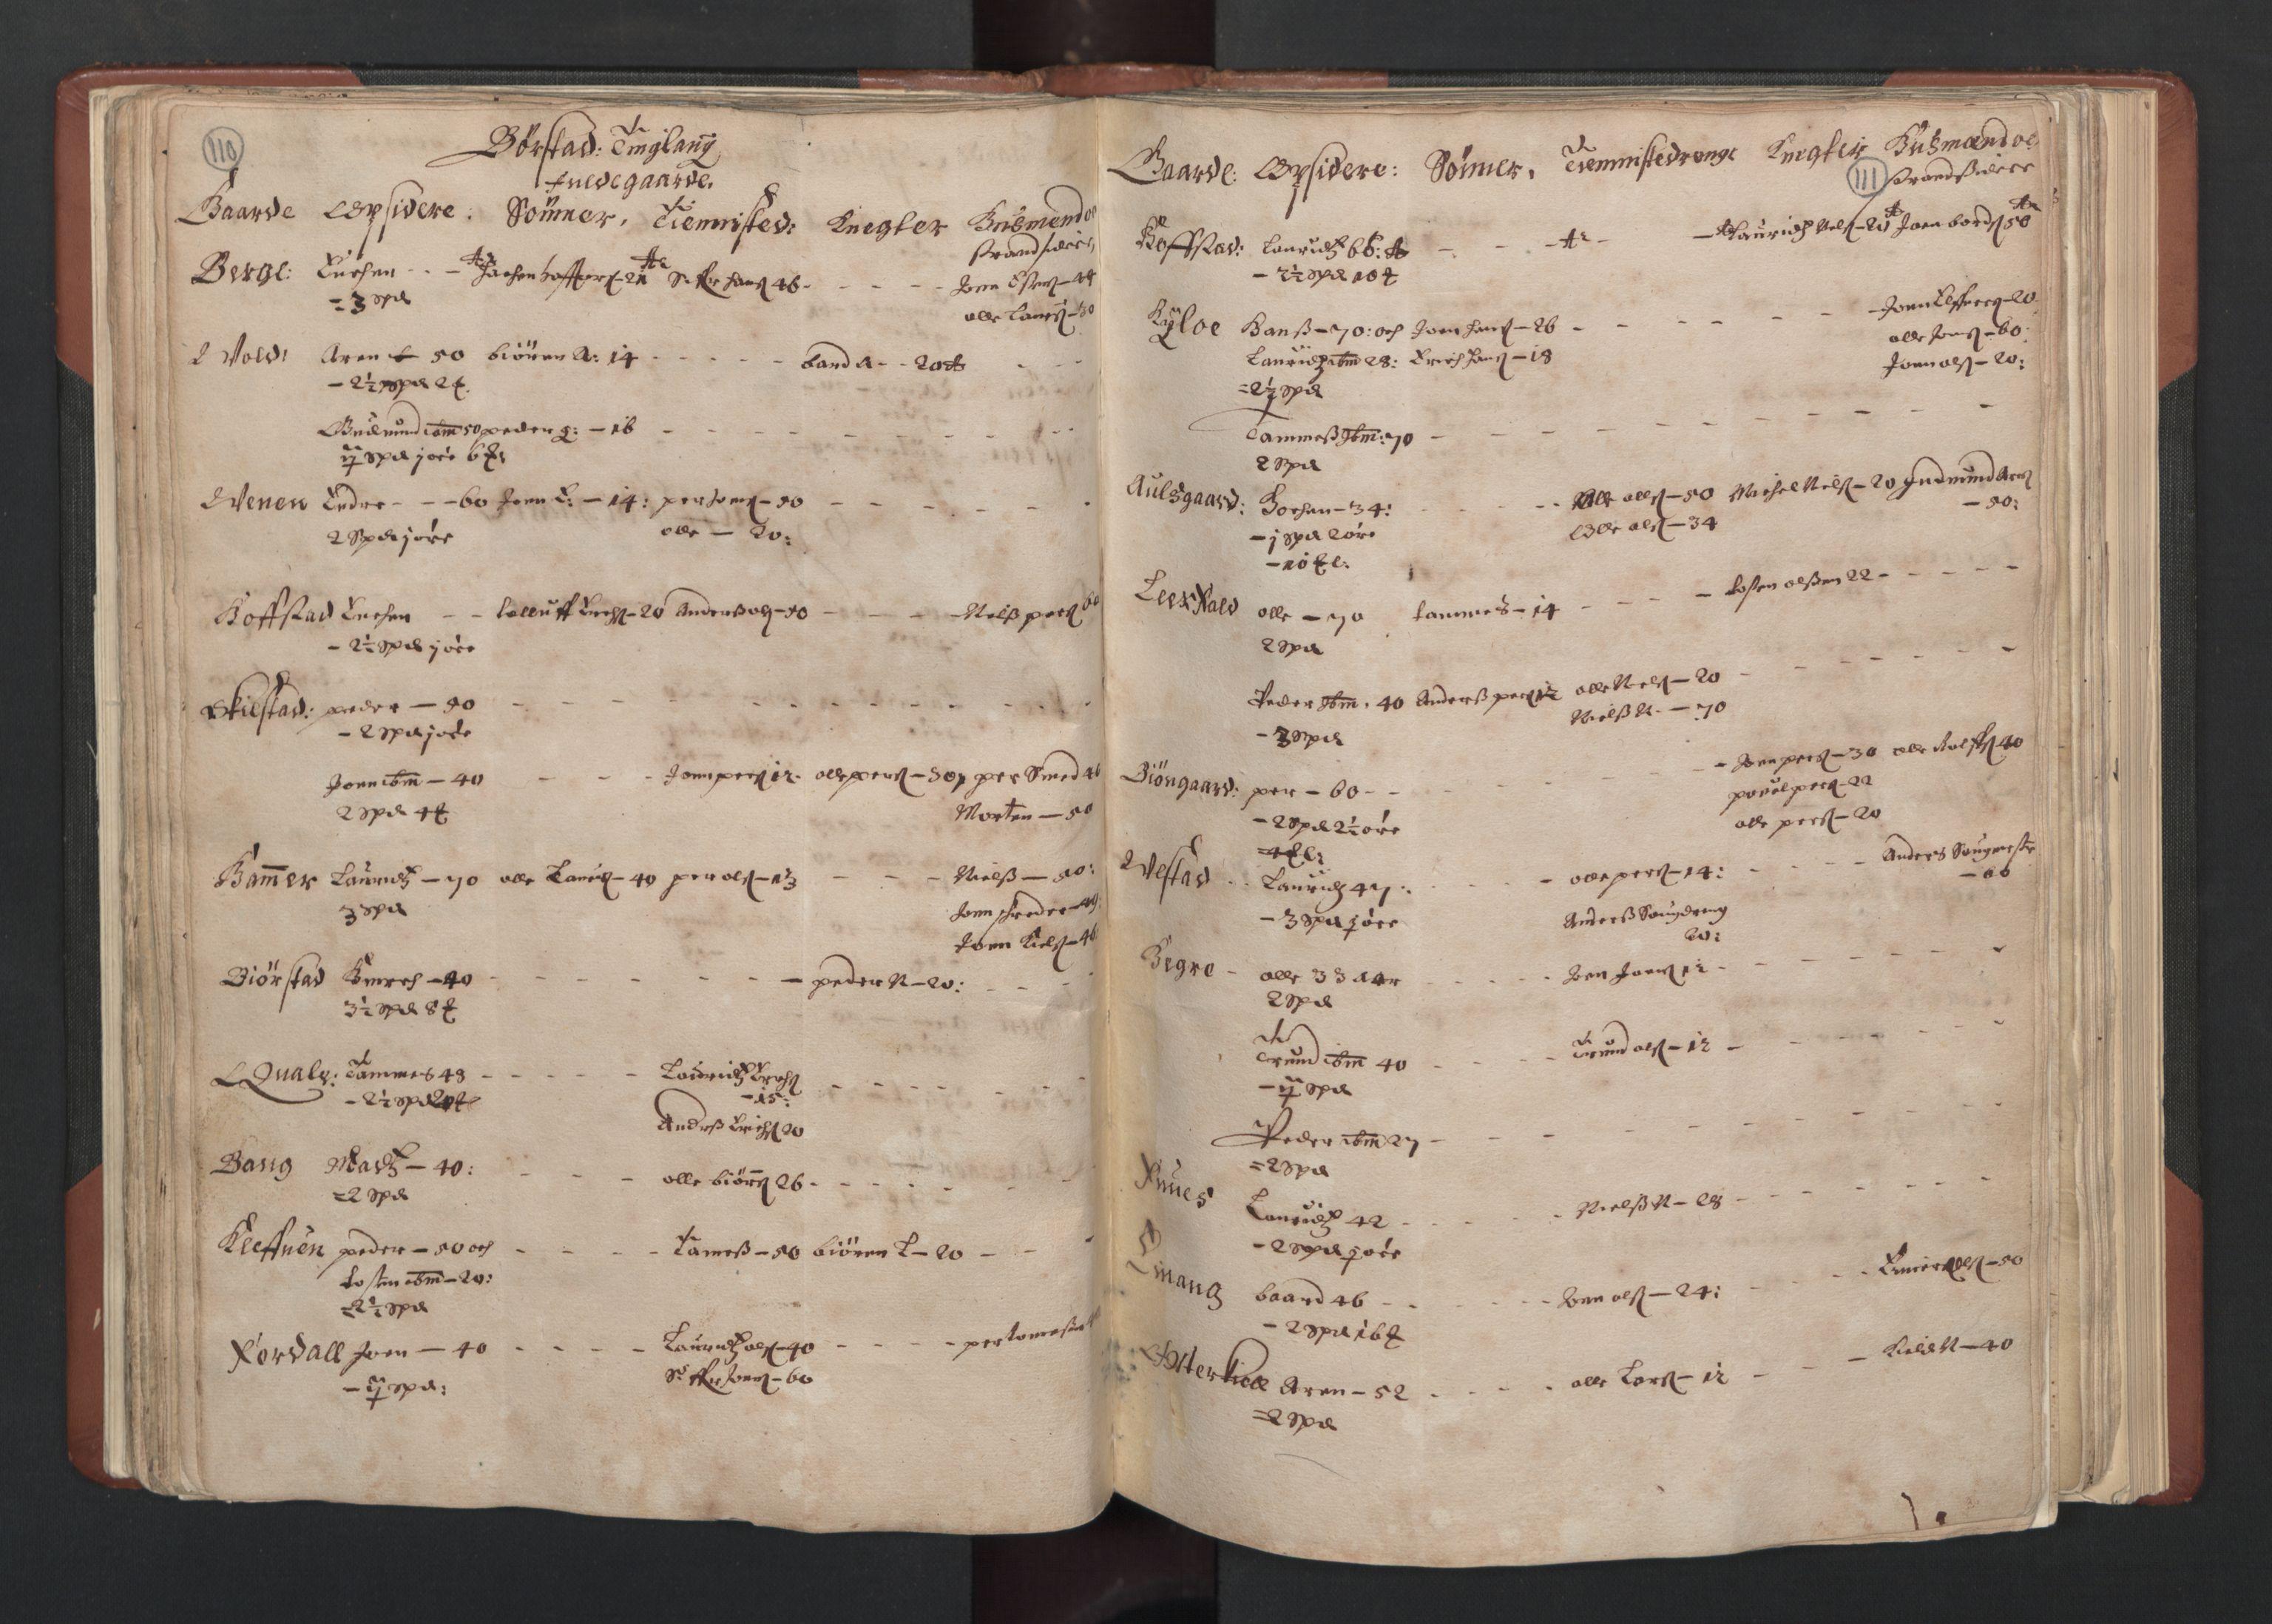 RA, Fogdenes og sorenskrivernes manntall 1664-1666, nr. 19: Fosen fogderi, Inderøy fogderi, Selbu fogderi, Namdal fogderi og Stjørdal fogderi, 1664-1665, s. 110-111